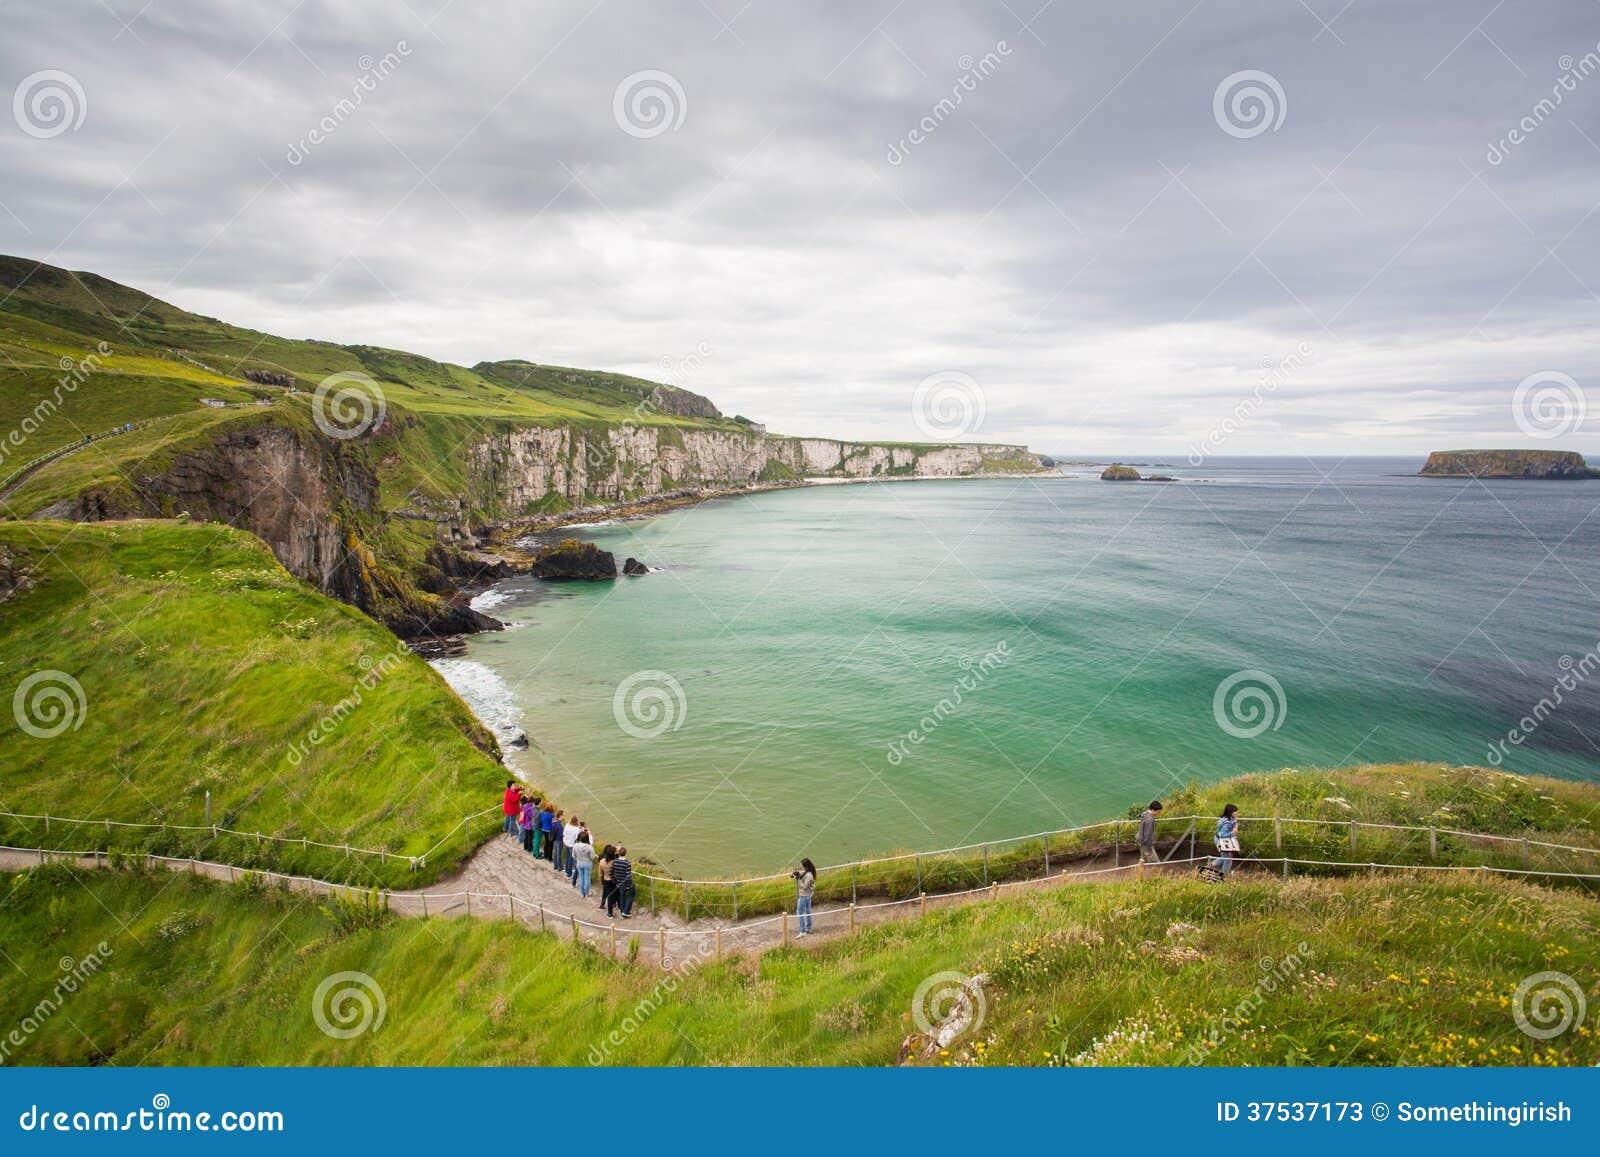 Antrim, Noord-Ierland